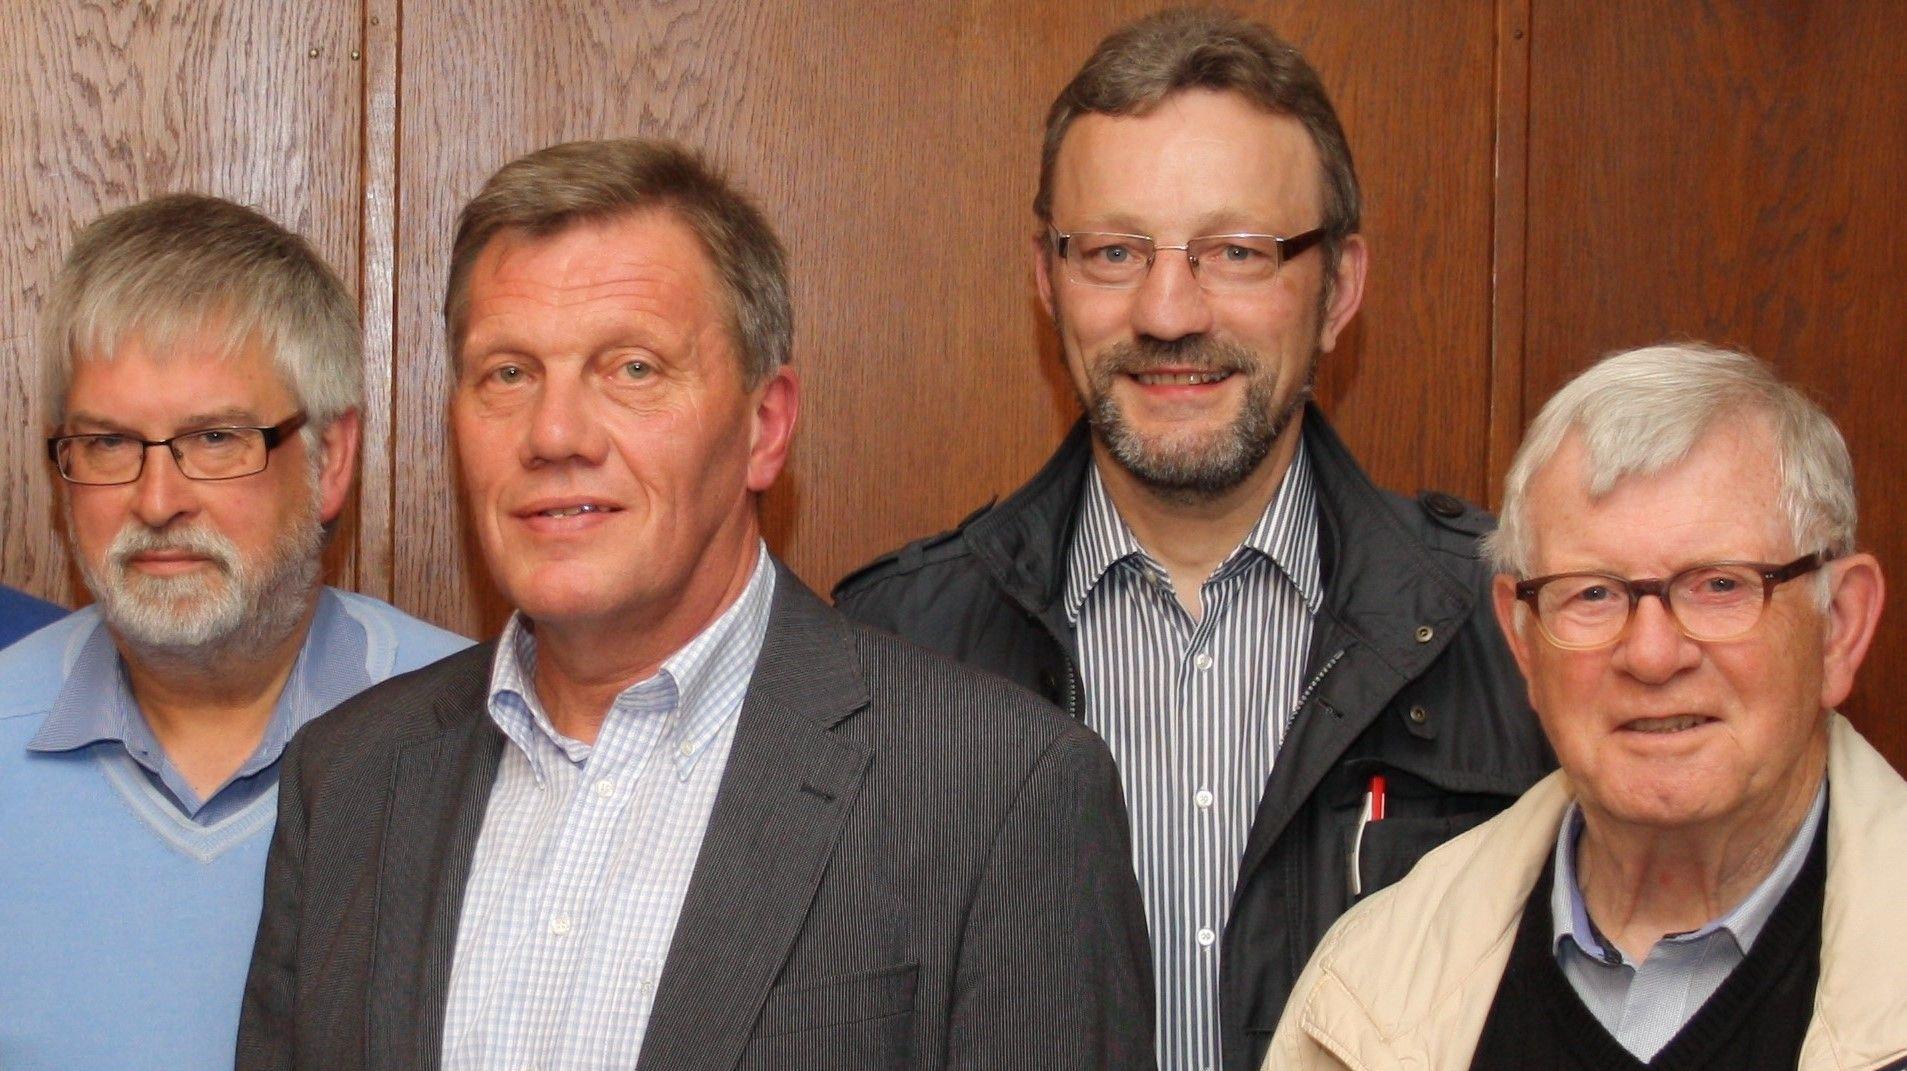 Vorstand ohne Beirat: Dr. Josef Willer (von links), Reinhard Lanfer, Bernd Hackstedt und Prof. Dr. Hermann Gelhaus..  Foto: Martin Pille